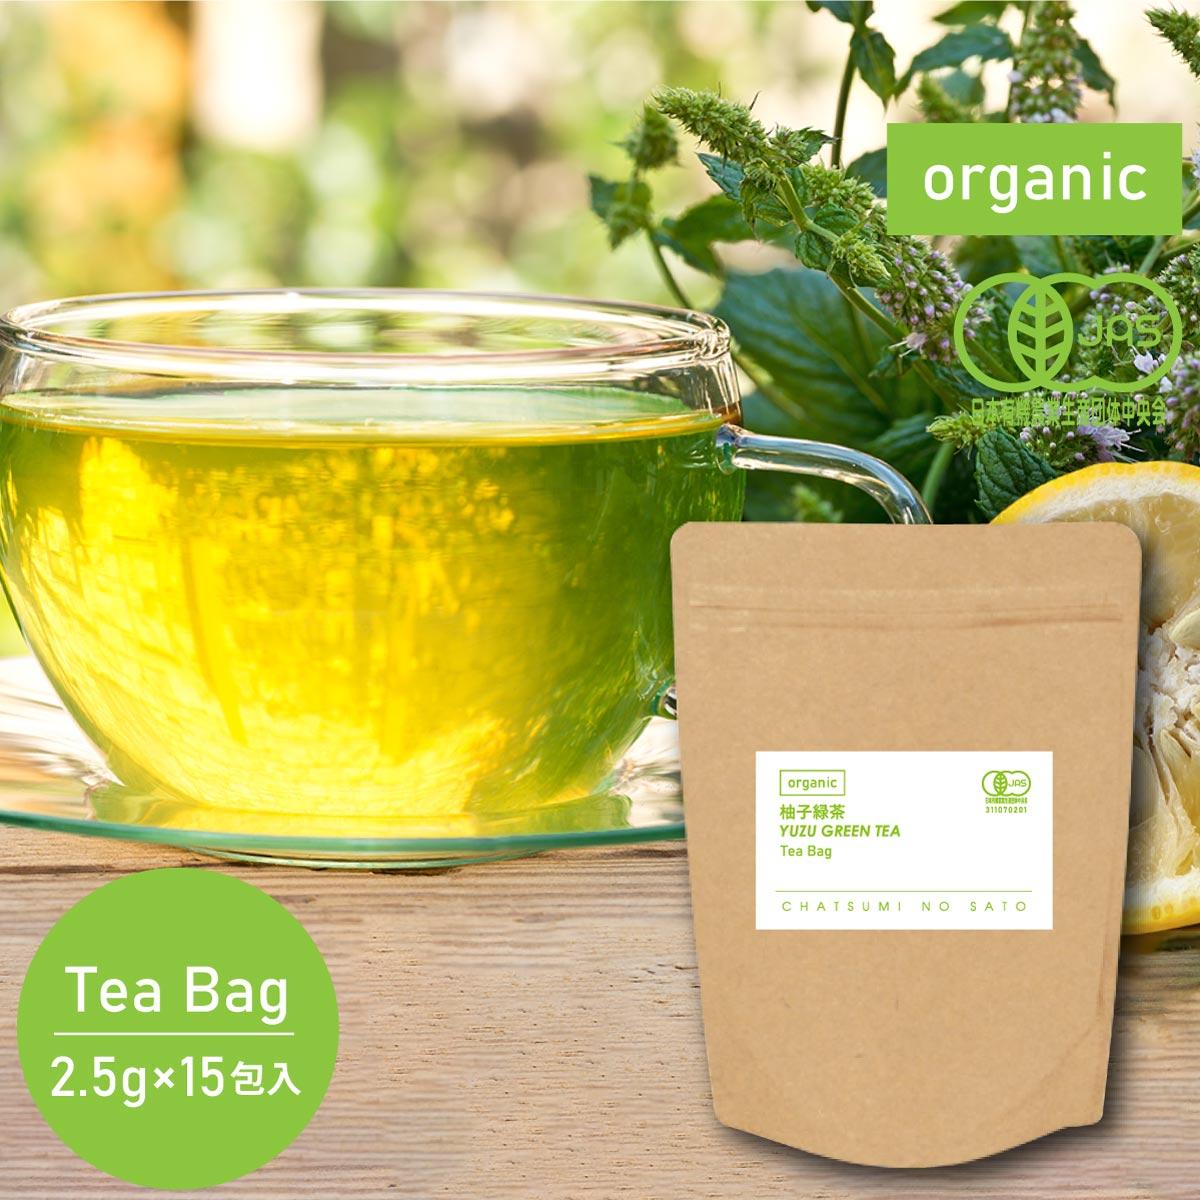 オーガニック 有機柚子緑茶(2.5g×15包入)